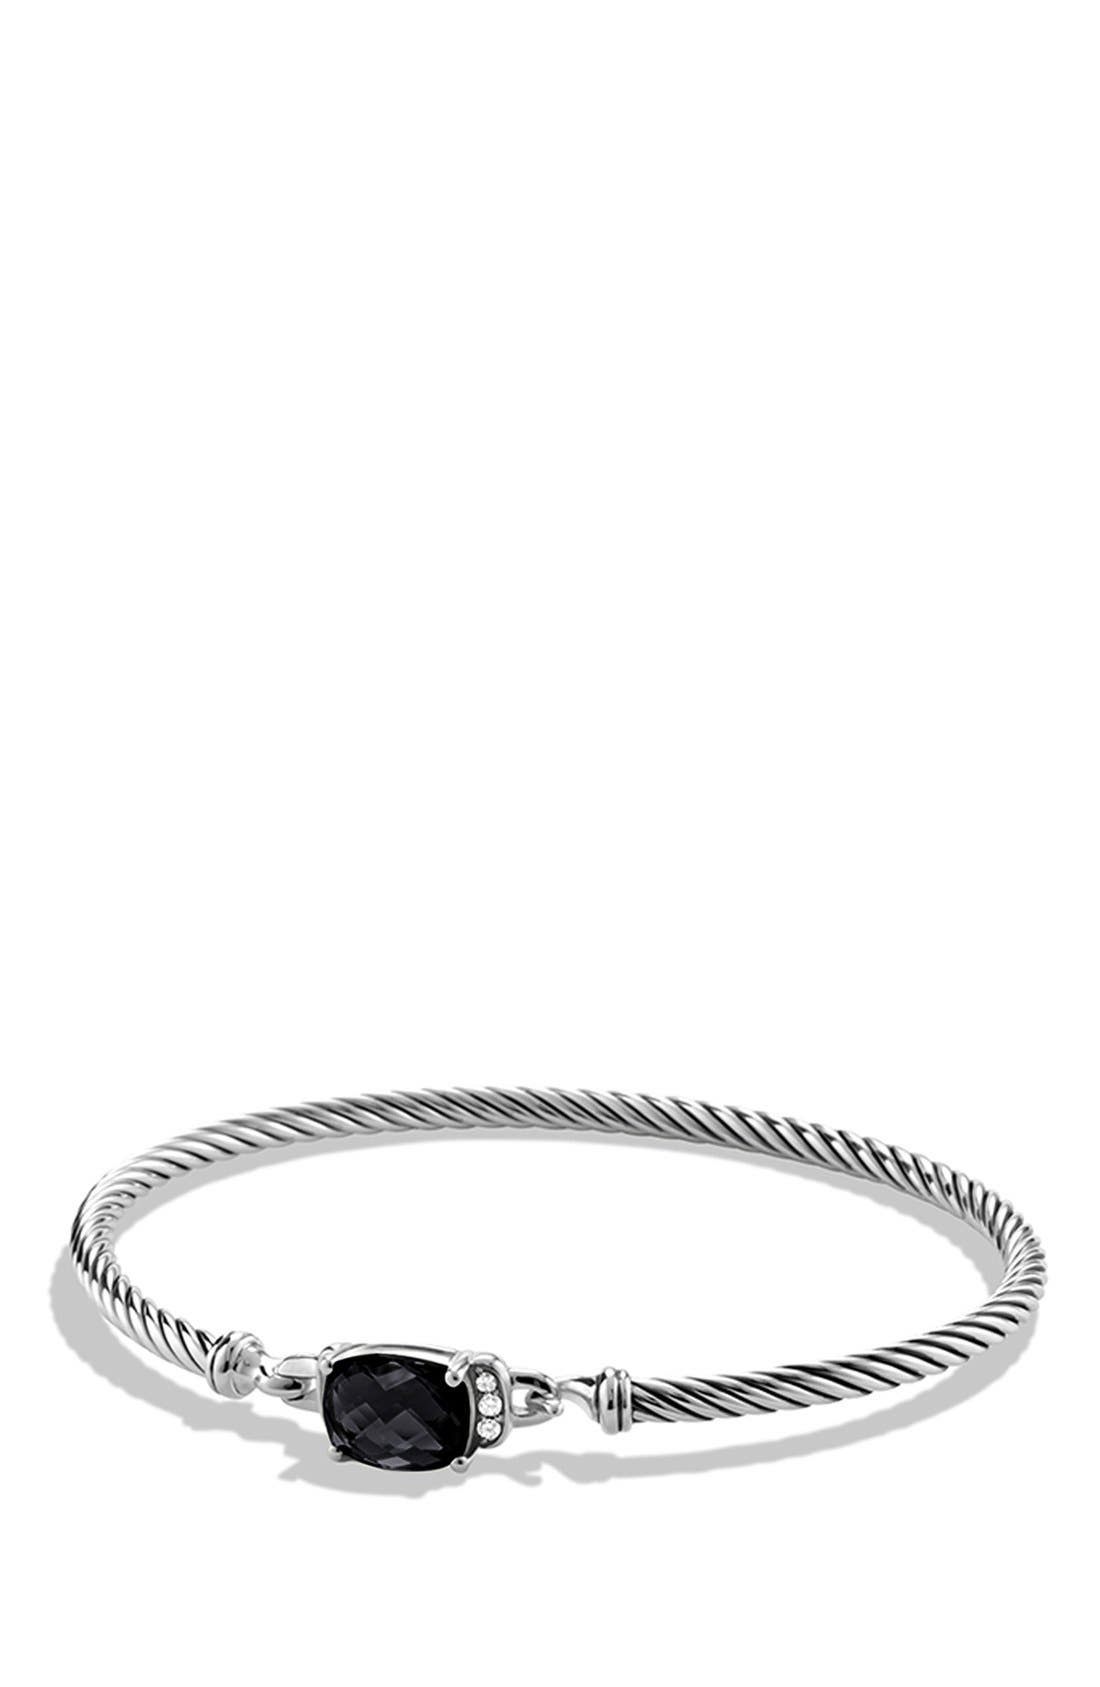 David Yurman 'Petite Wheaton' Bracelet with Semiprecious Stone & Diamonds